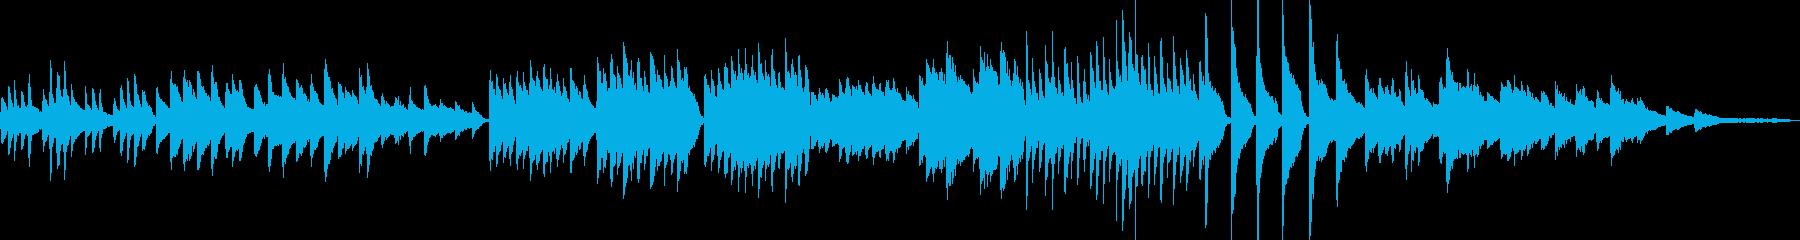 ピアノソロ1-不思議→Jazz風→叙情の再生済みの波形